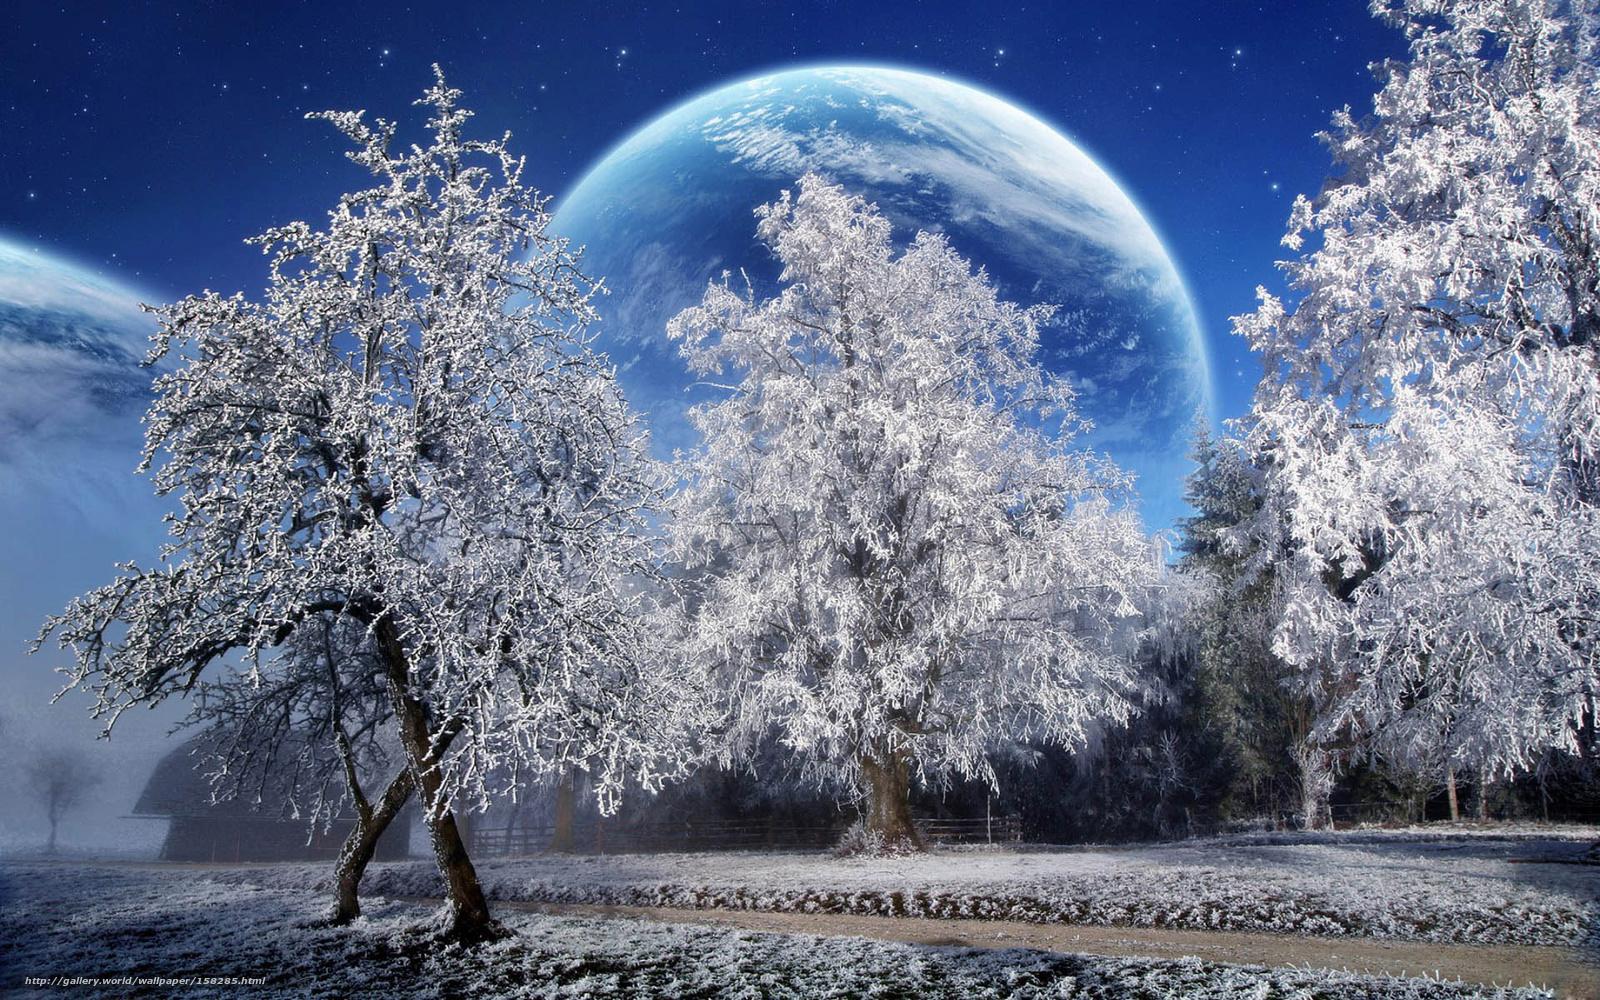 Scaricare gli sfondi inverno neve sfondi gratis per la for Sfondi gratis desktop inverno